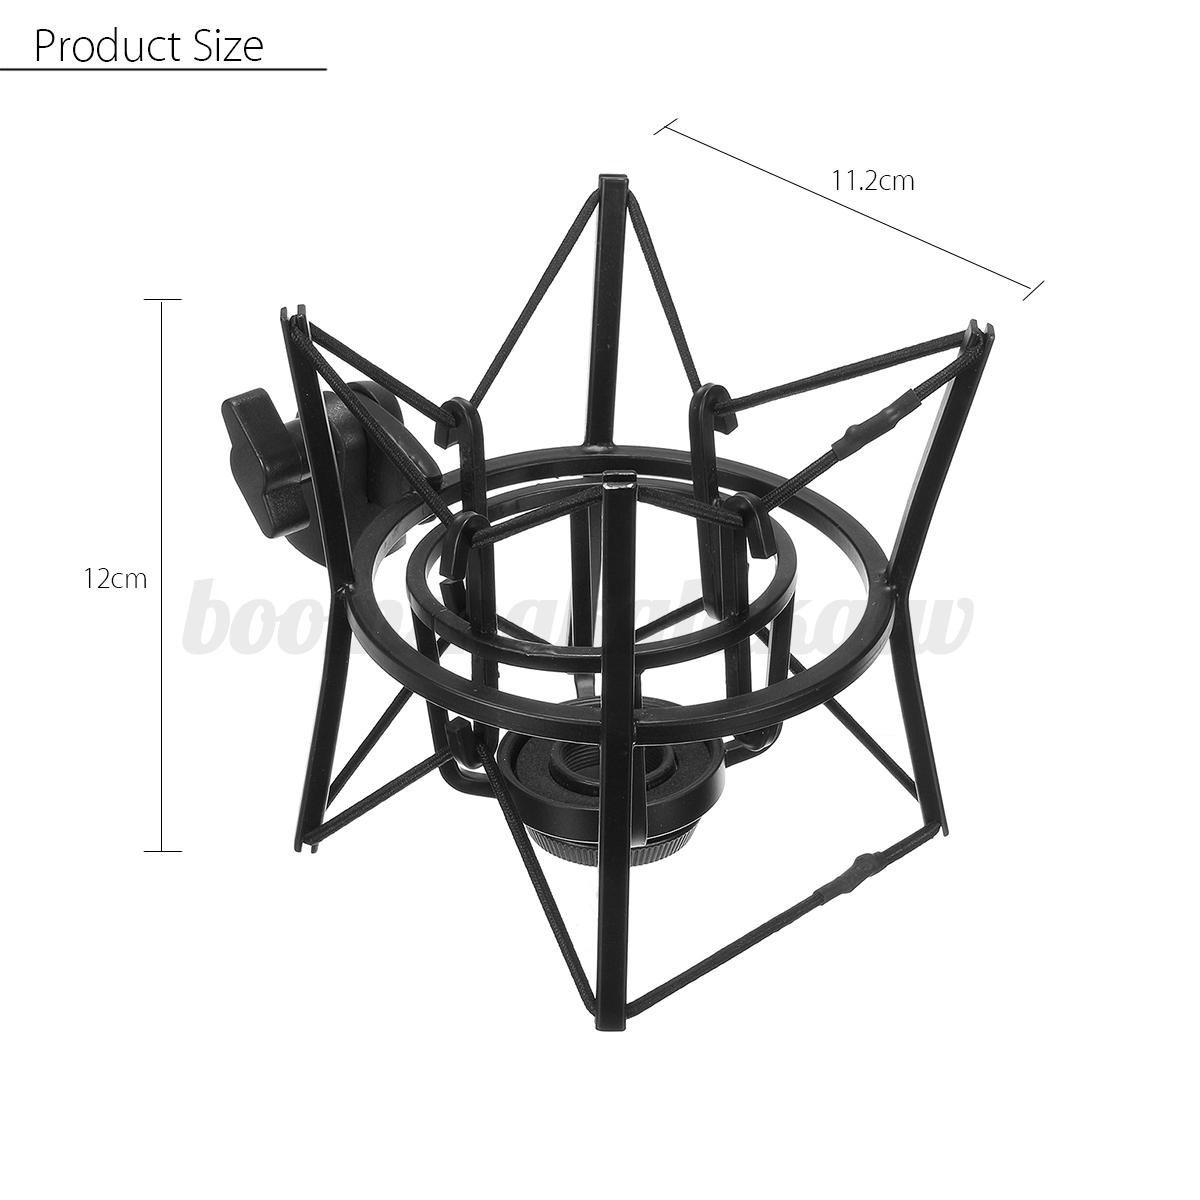 metal microphone shock mount holder stand for akg 100 200 samson c01 sp01 c03 ebay. Black Bedroom Furniture Sets. Home Design Ideas